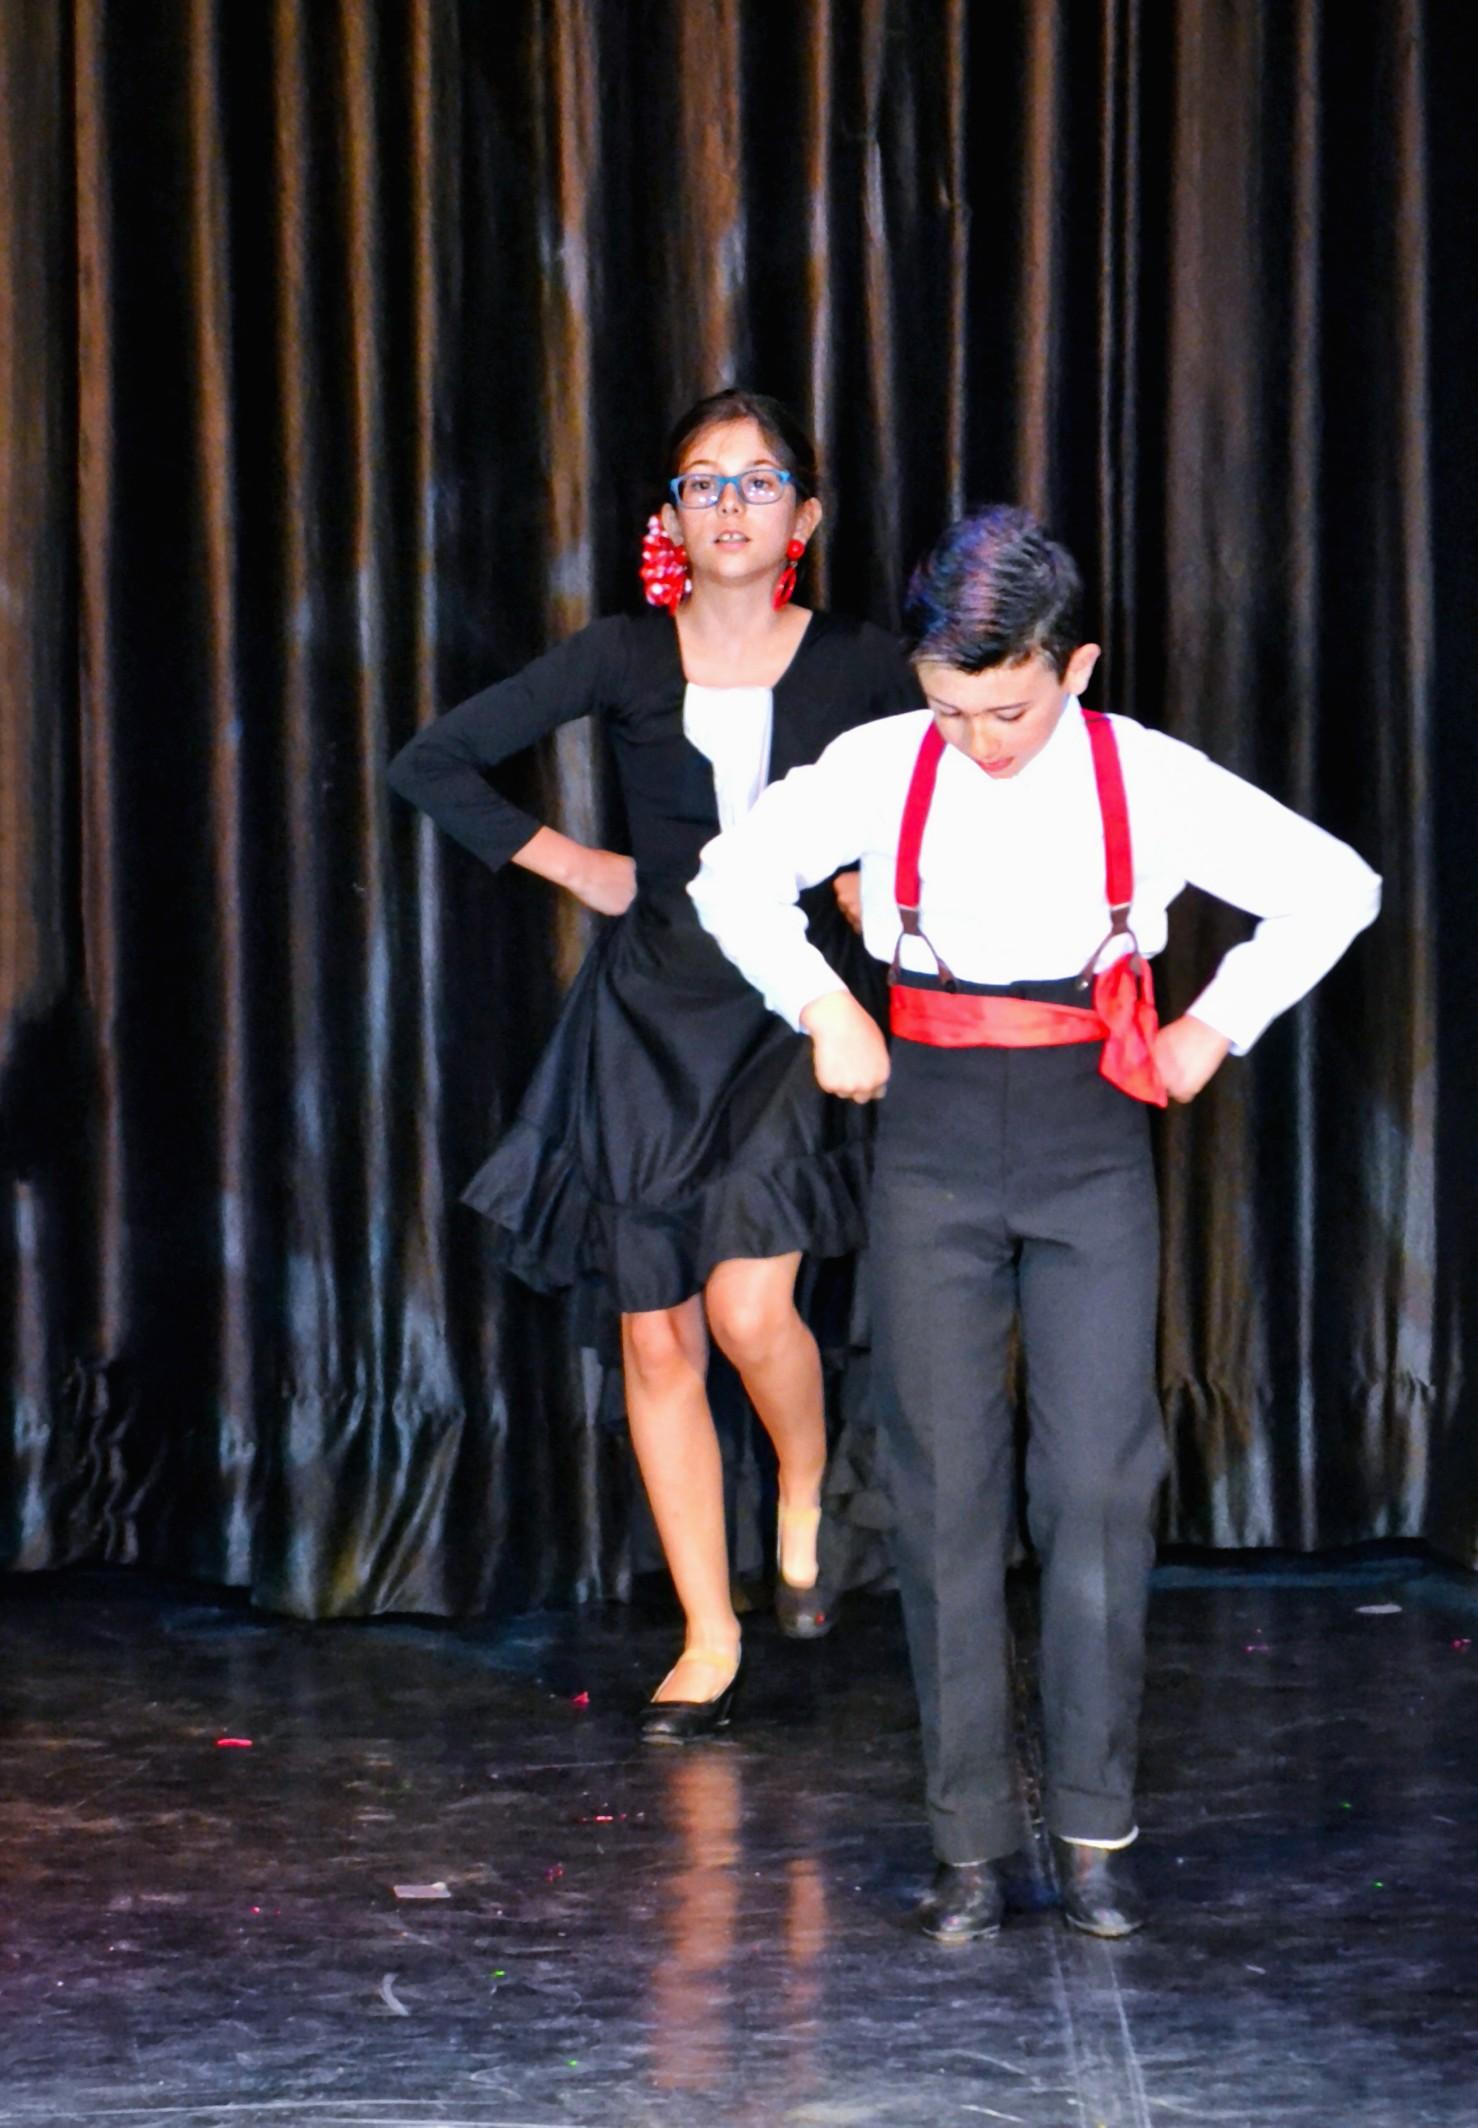 Linea-de-Baile-festival-verano-2015-clases-de-baile-valencia-51